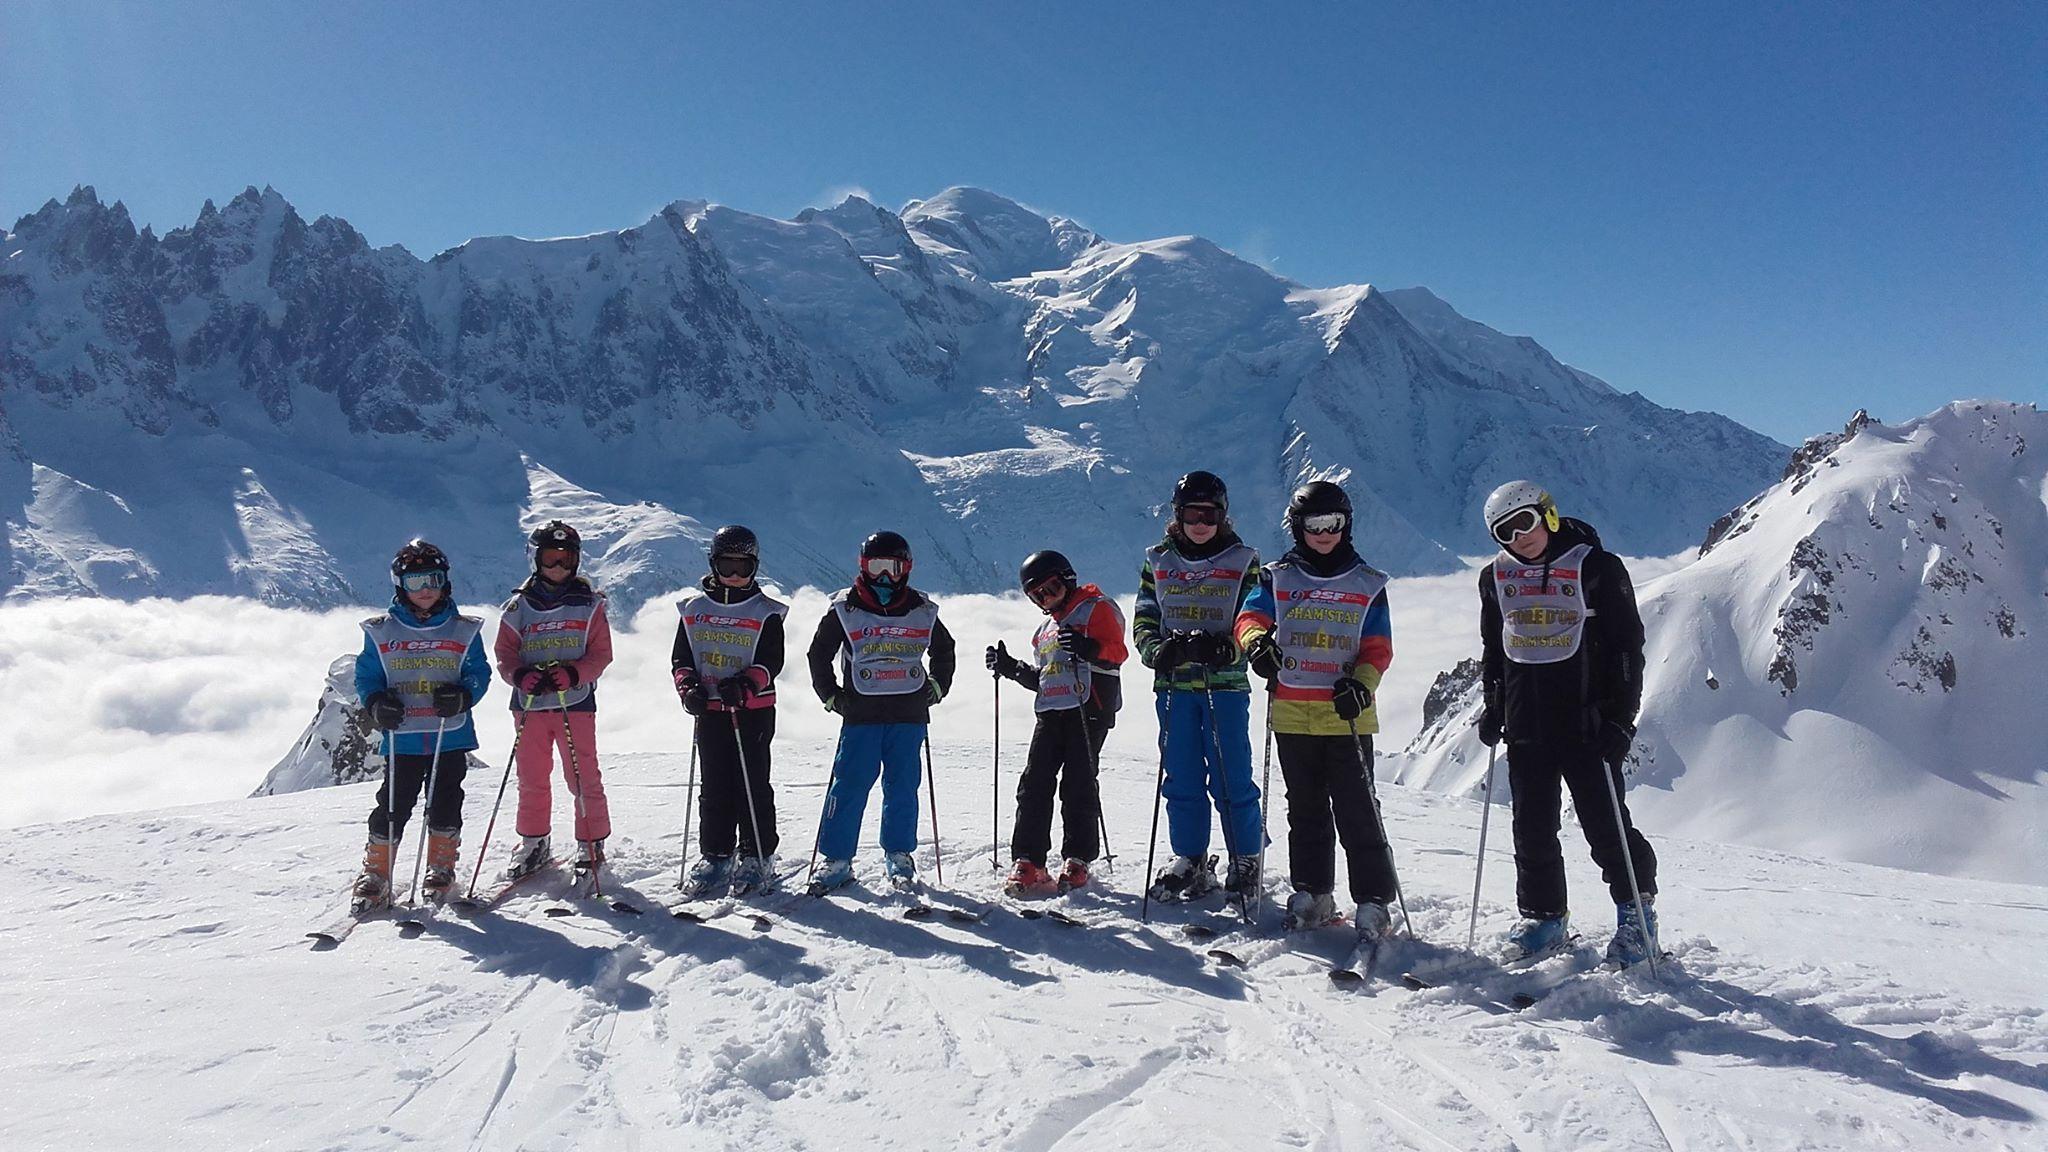 Cours de ski Enfants (8-12ans) à Chamonix/Brévent - Vacances